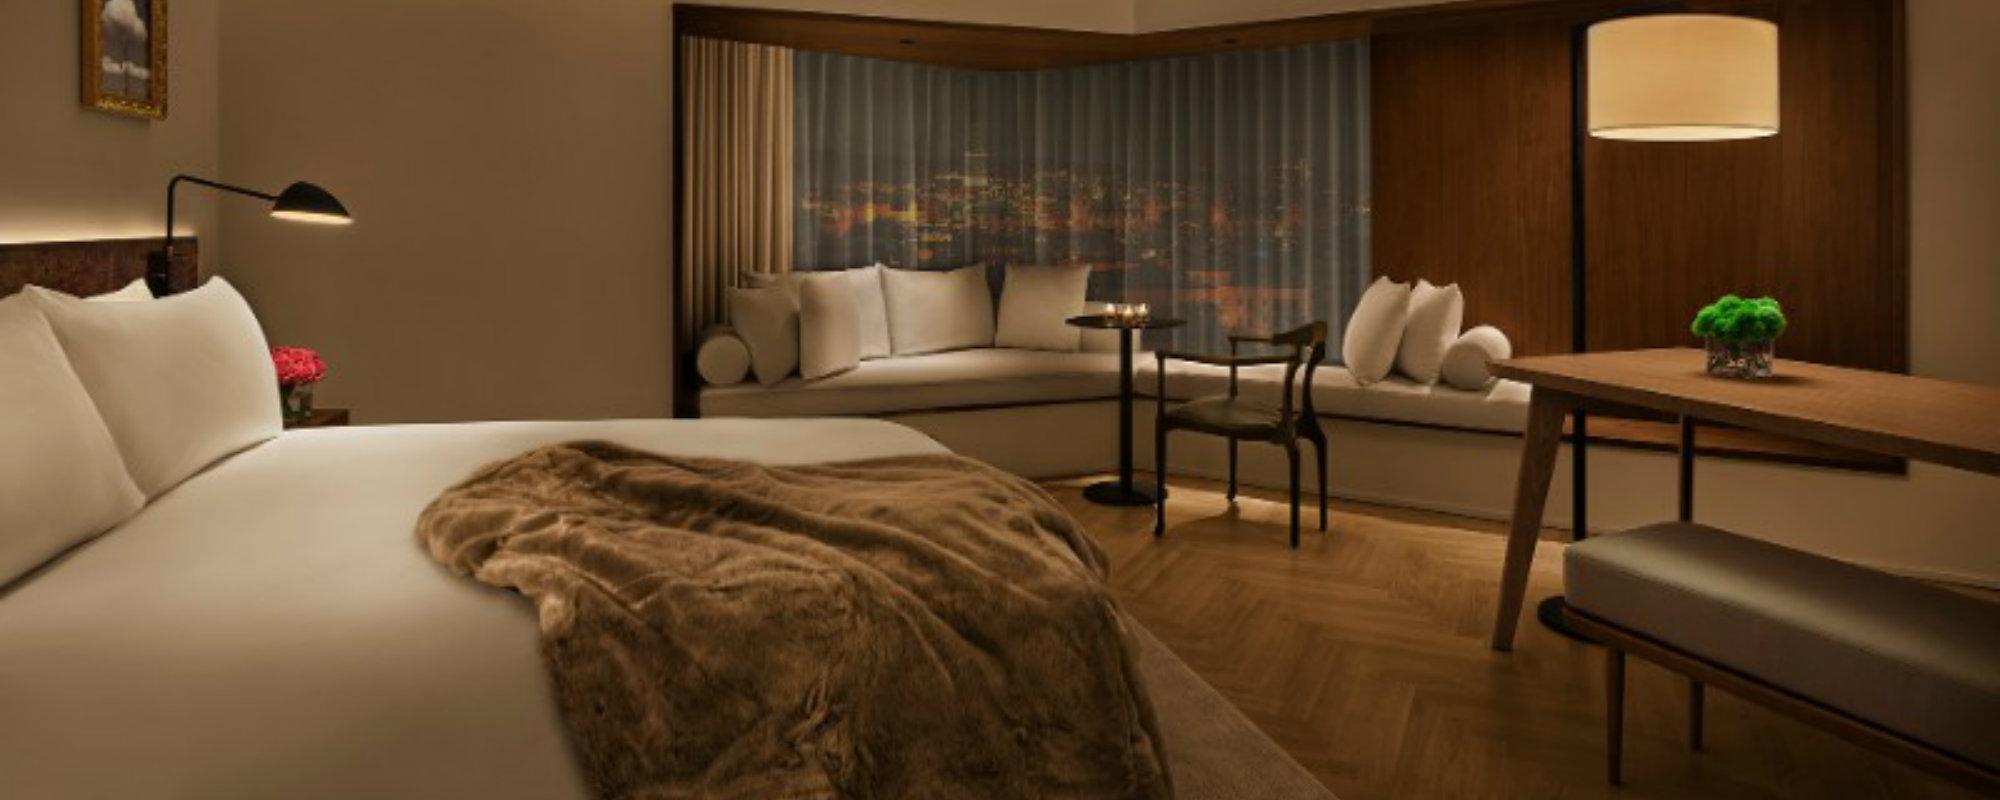 Hotel de lujo: un proyecto deslumbrante de diseño en Barcelona hotel de lujo Hotel de lujo: un proyecto deslumbrante de diseño en Barcelona Featured 11